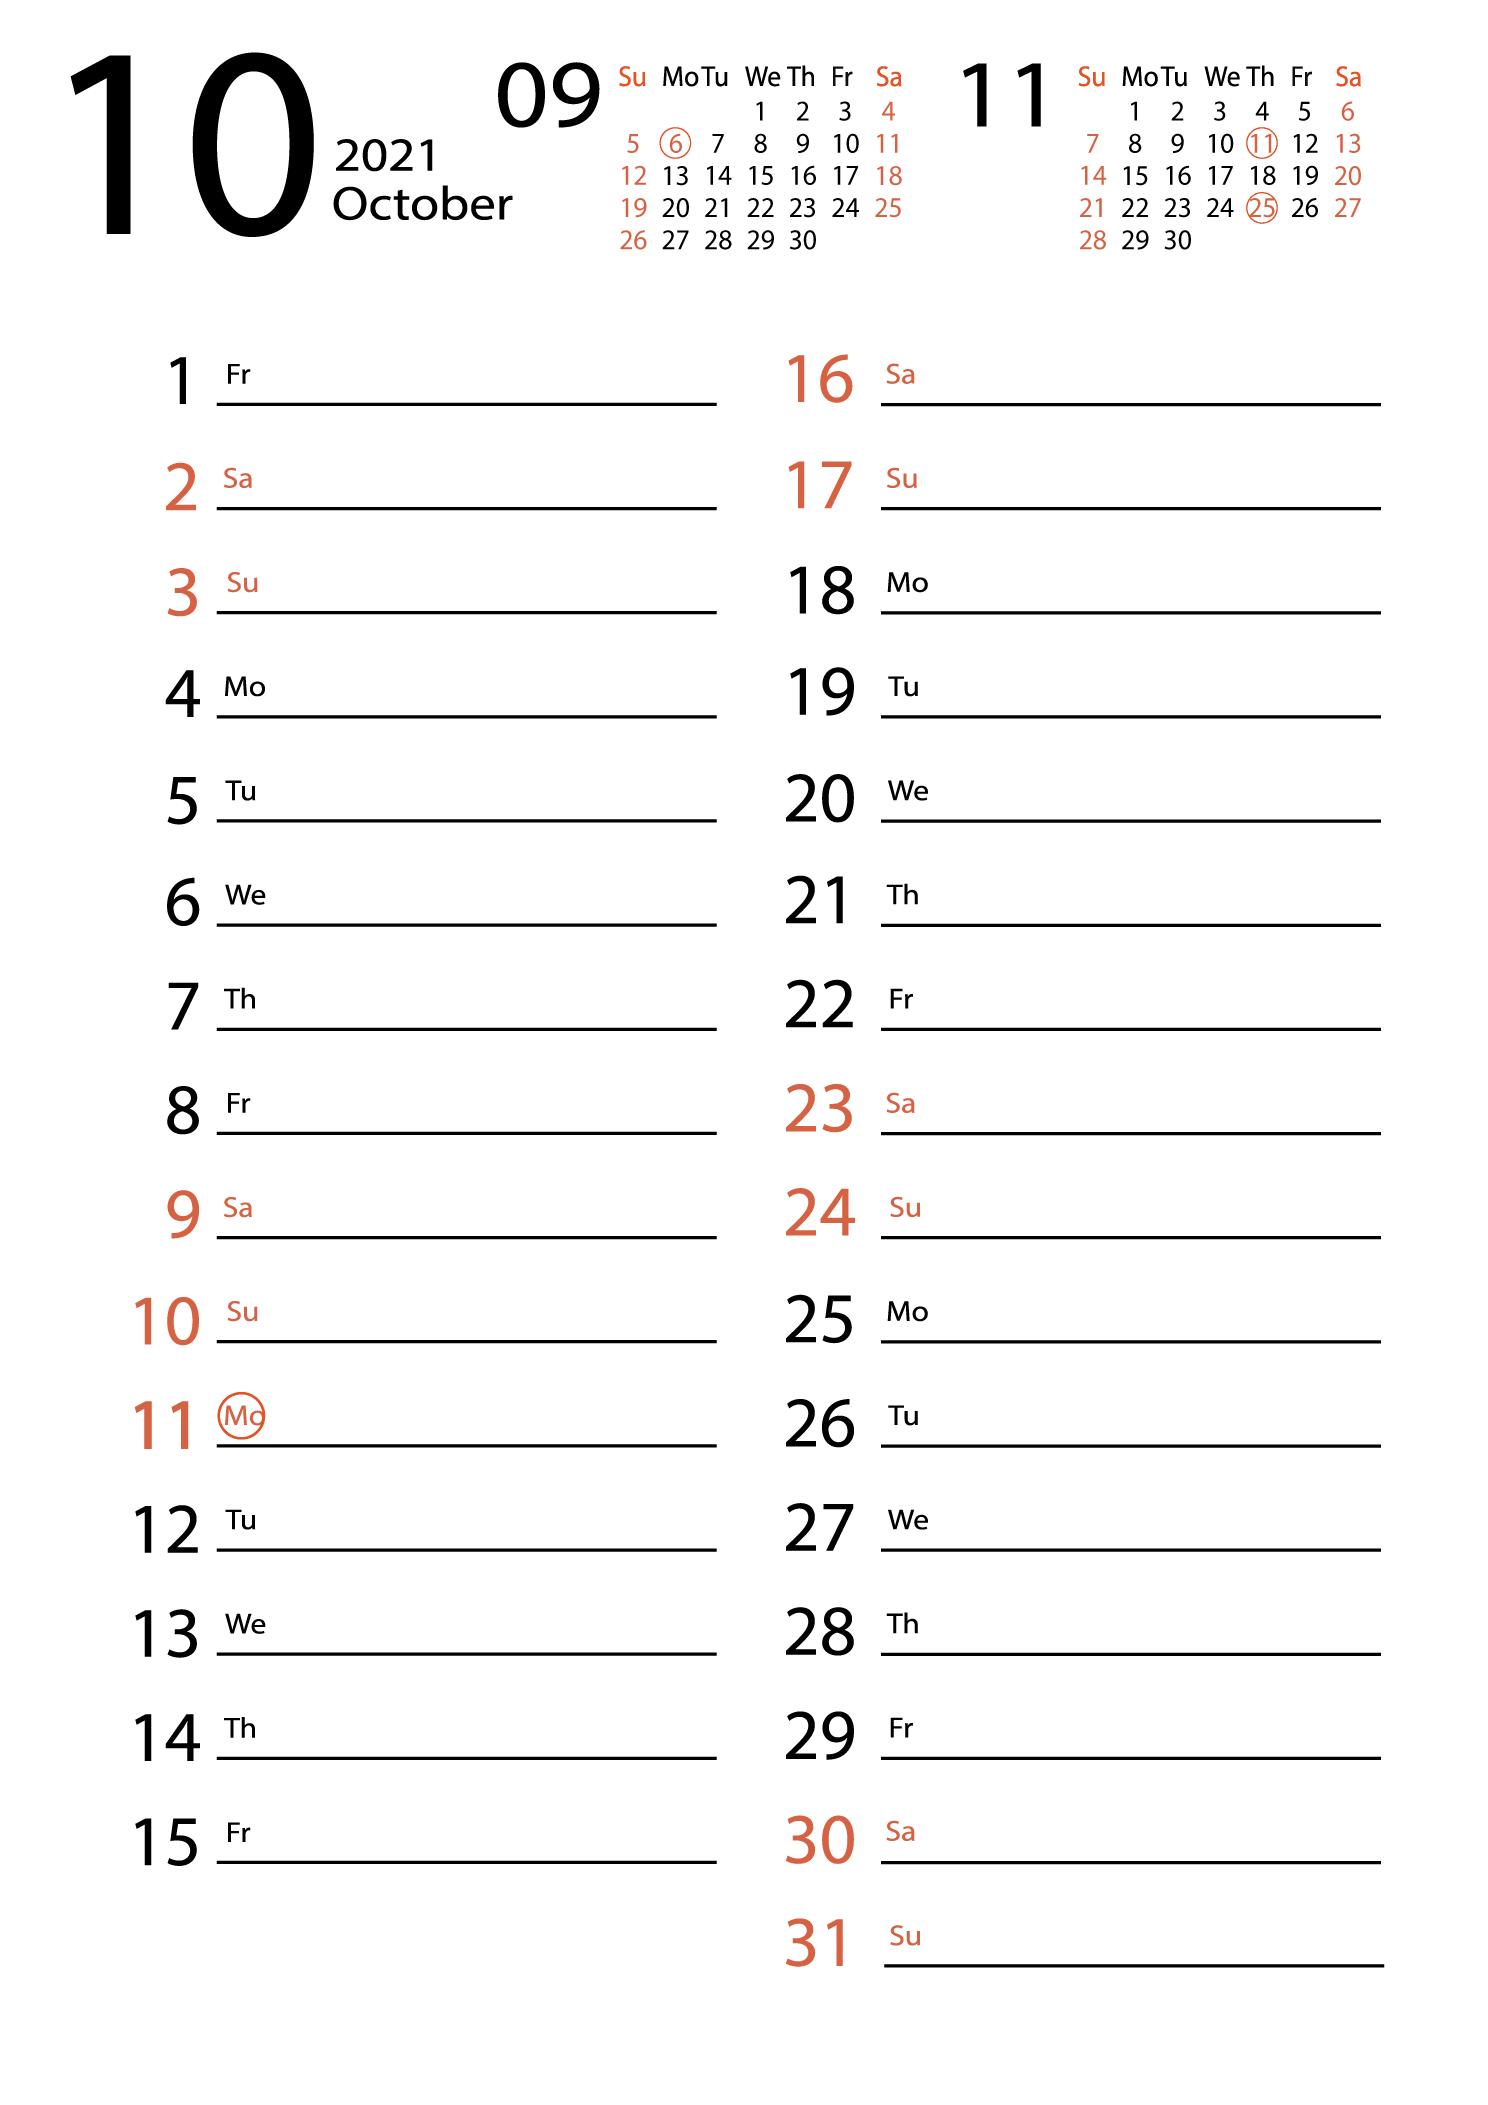 October 2021 calendar for notes download